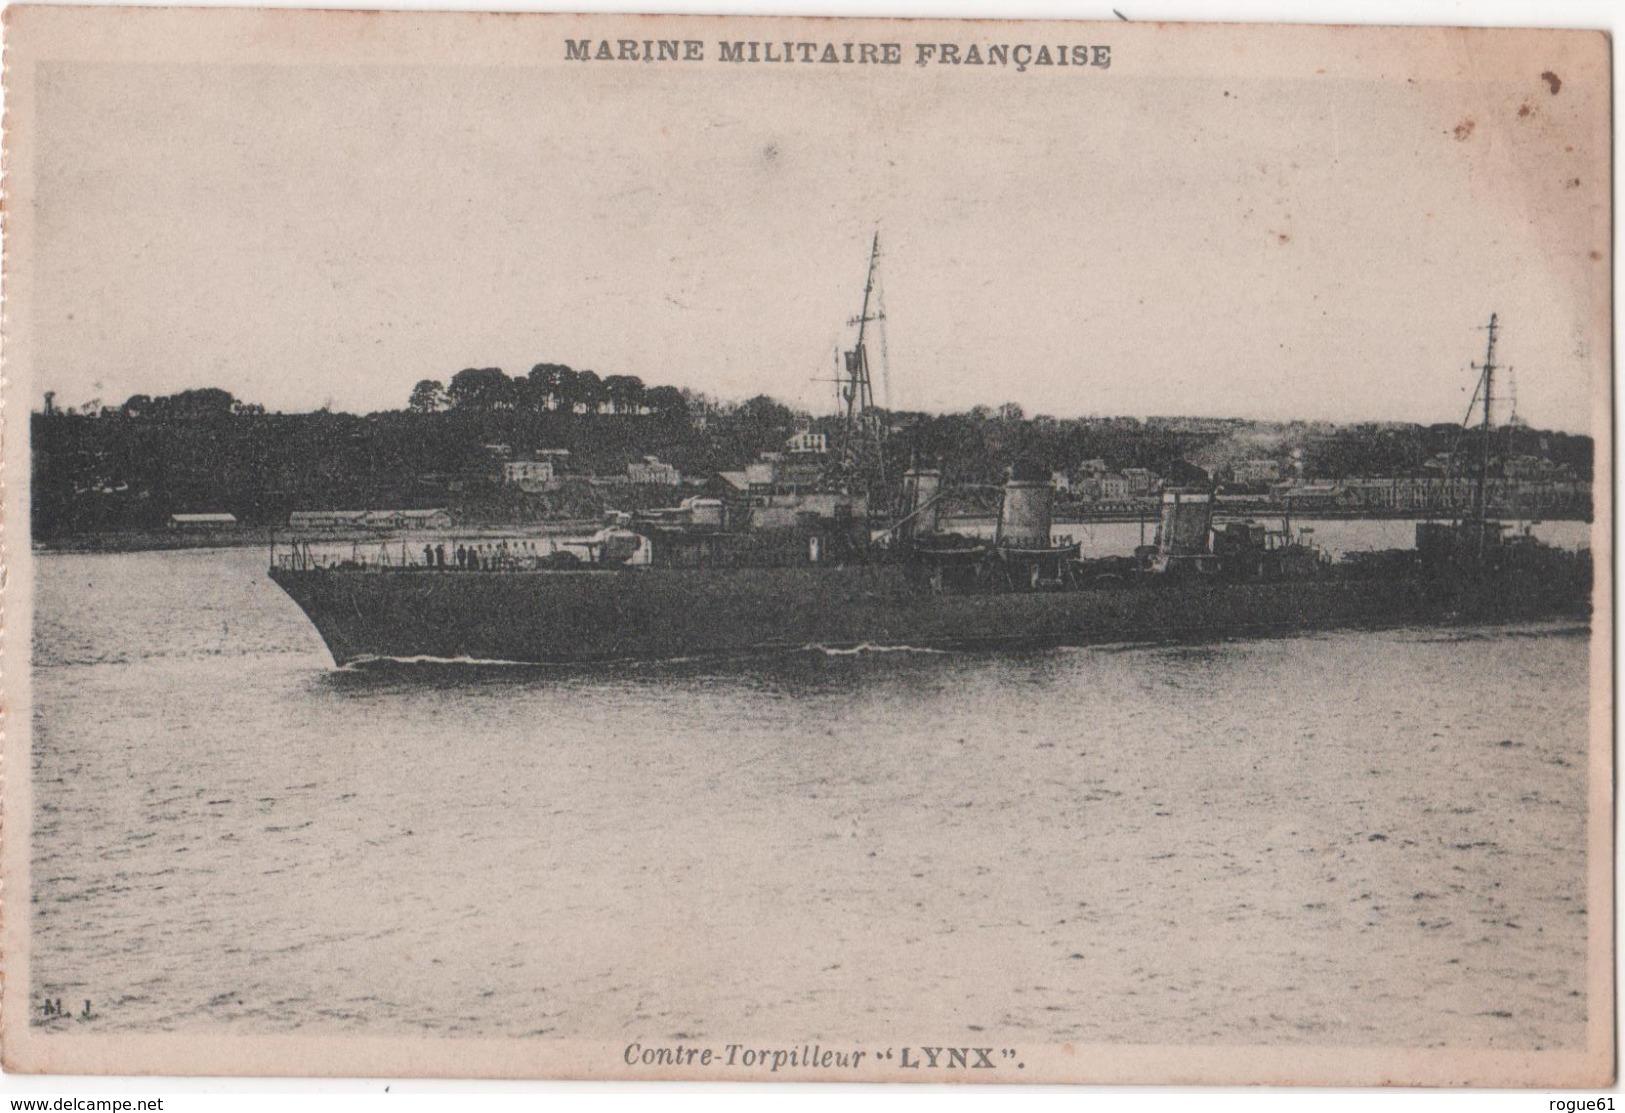 BATEAU / CONTRE - TORPILLEUR - LYNX   - Marine Militaire Francaise - Barche